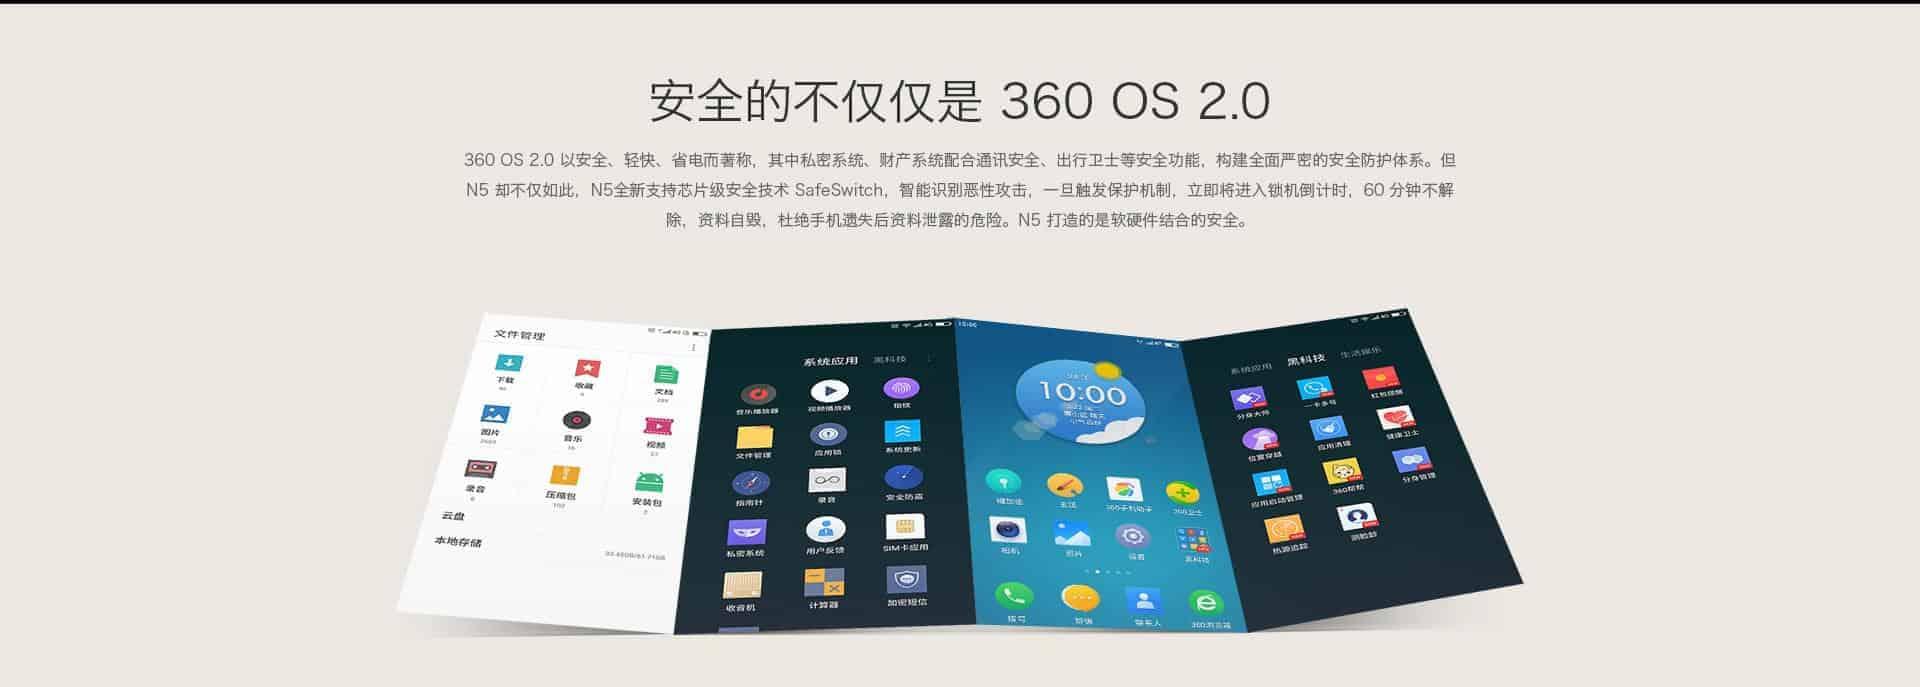 Qihoo 360 N5 KK 6